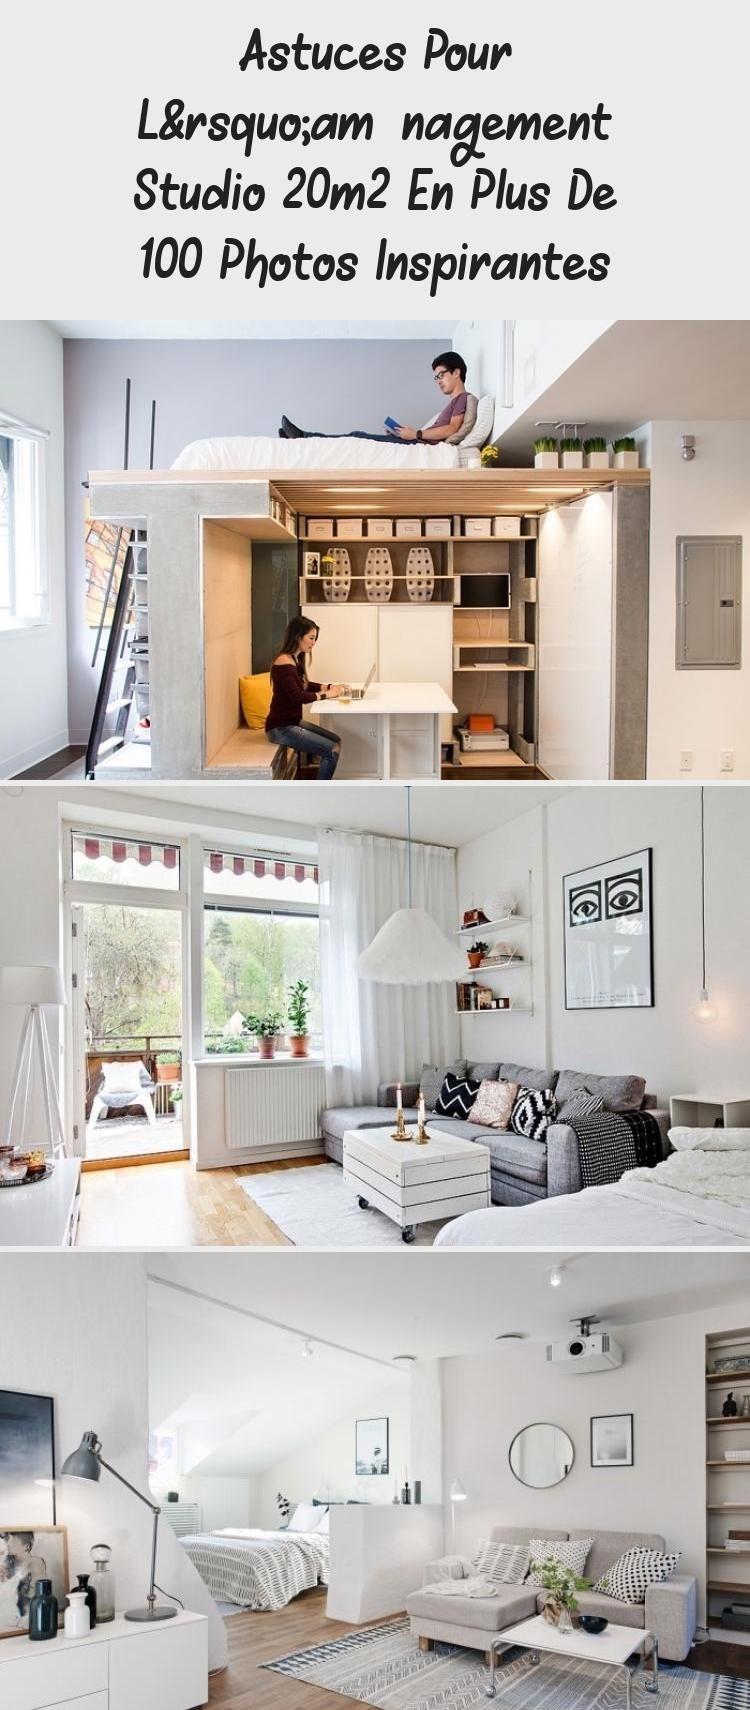 Deco Cozy Dans Un Petit Studio Etudiant Ou Celibataire Avec